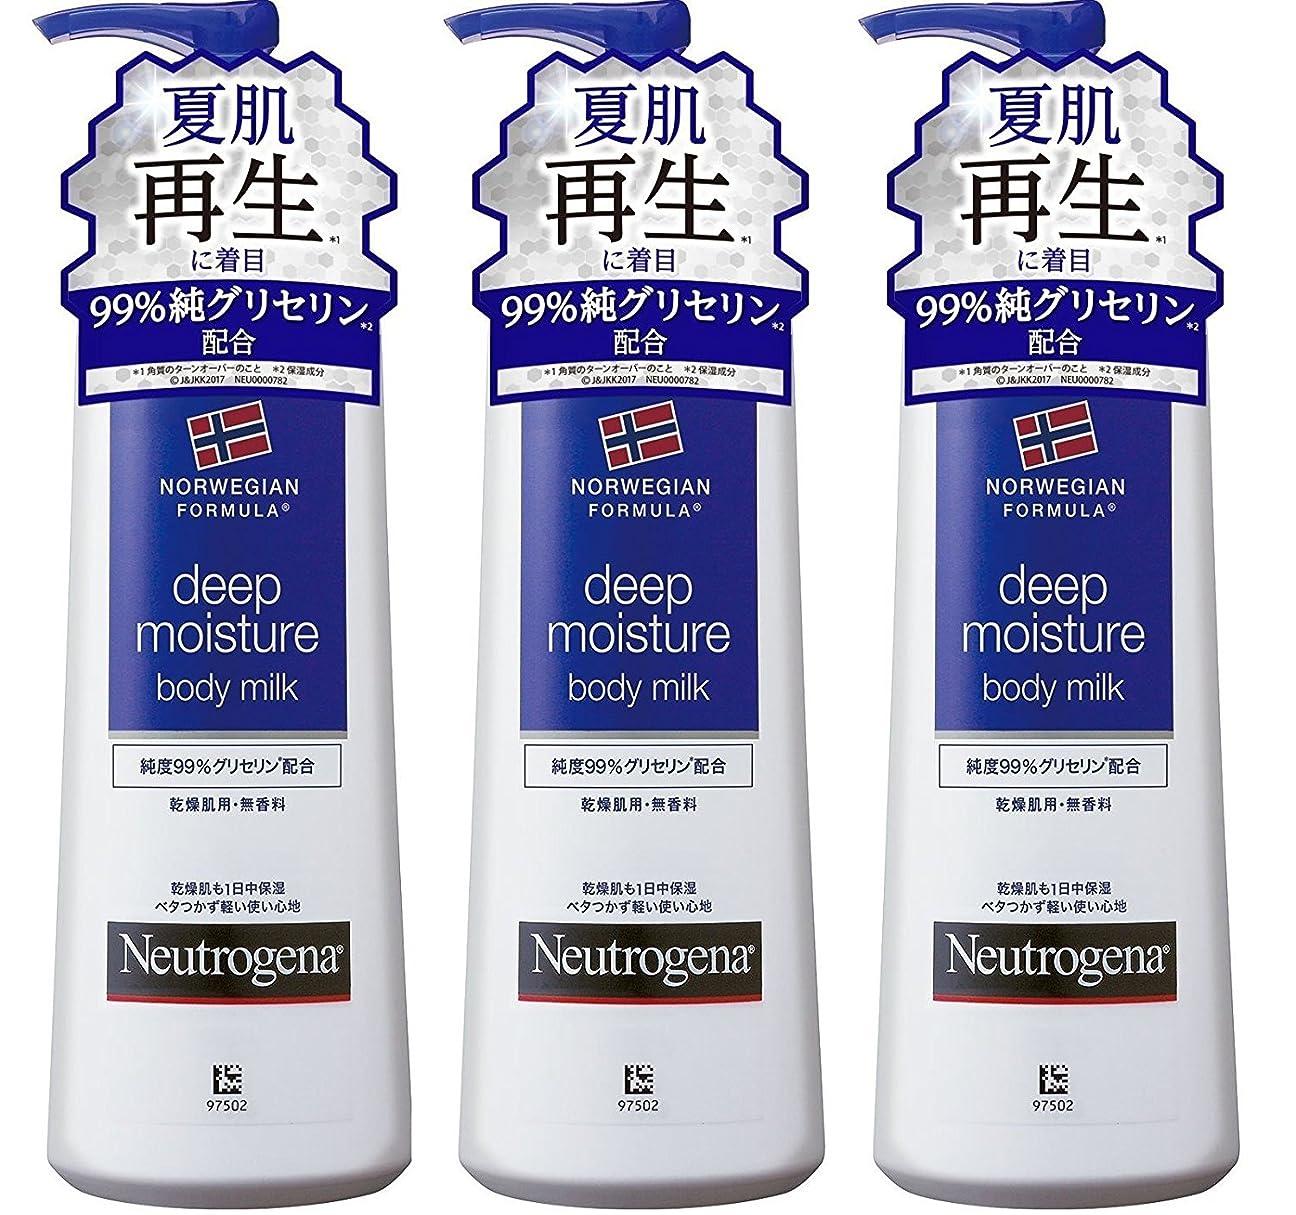 セレナ触手検出可能Neutrogena(ニュートロジーナ) ノルウェーフォーミュラ ディープモイスチャー ボディミルク250mL×3セット